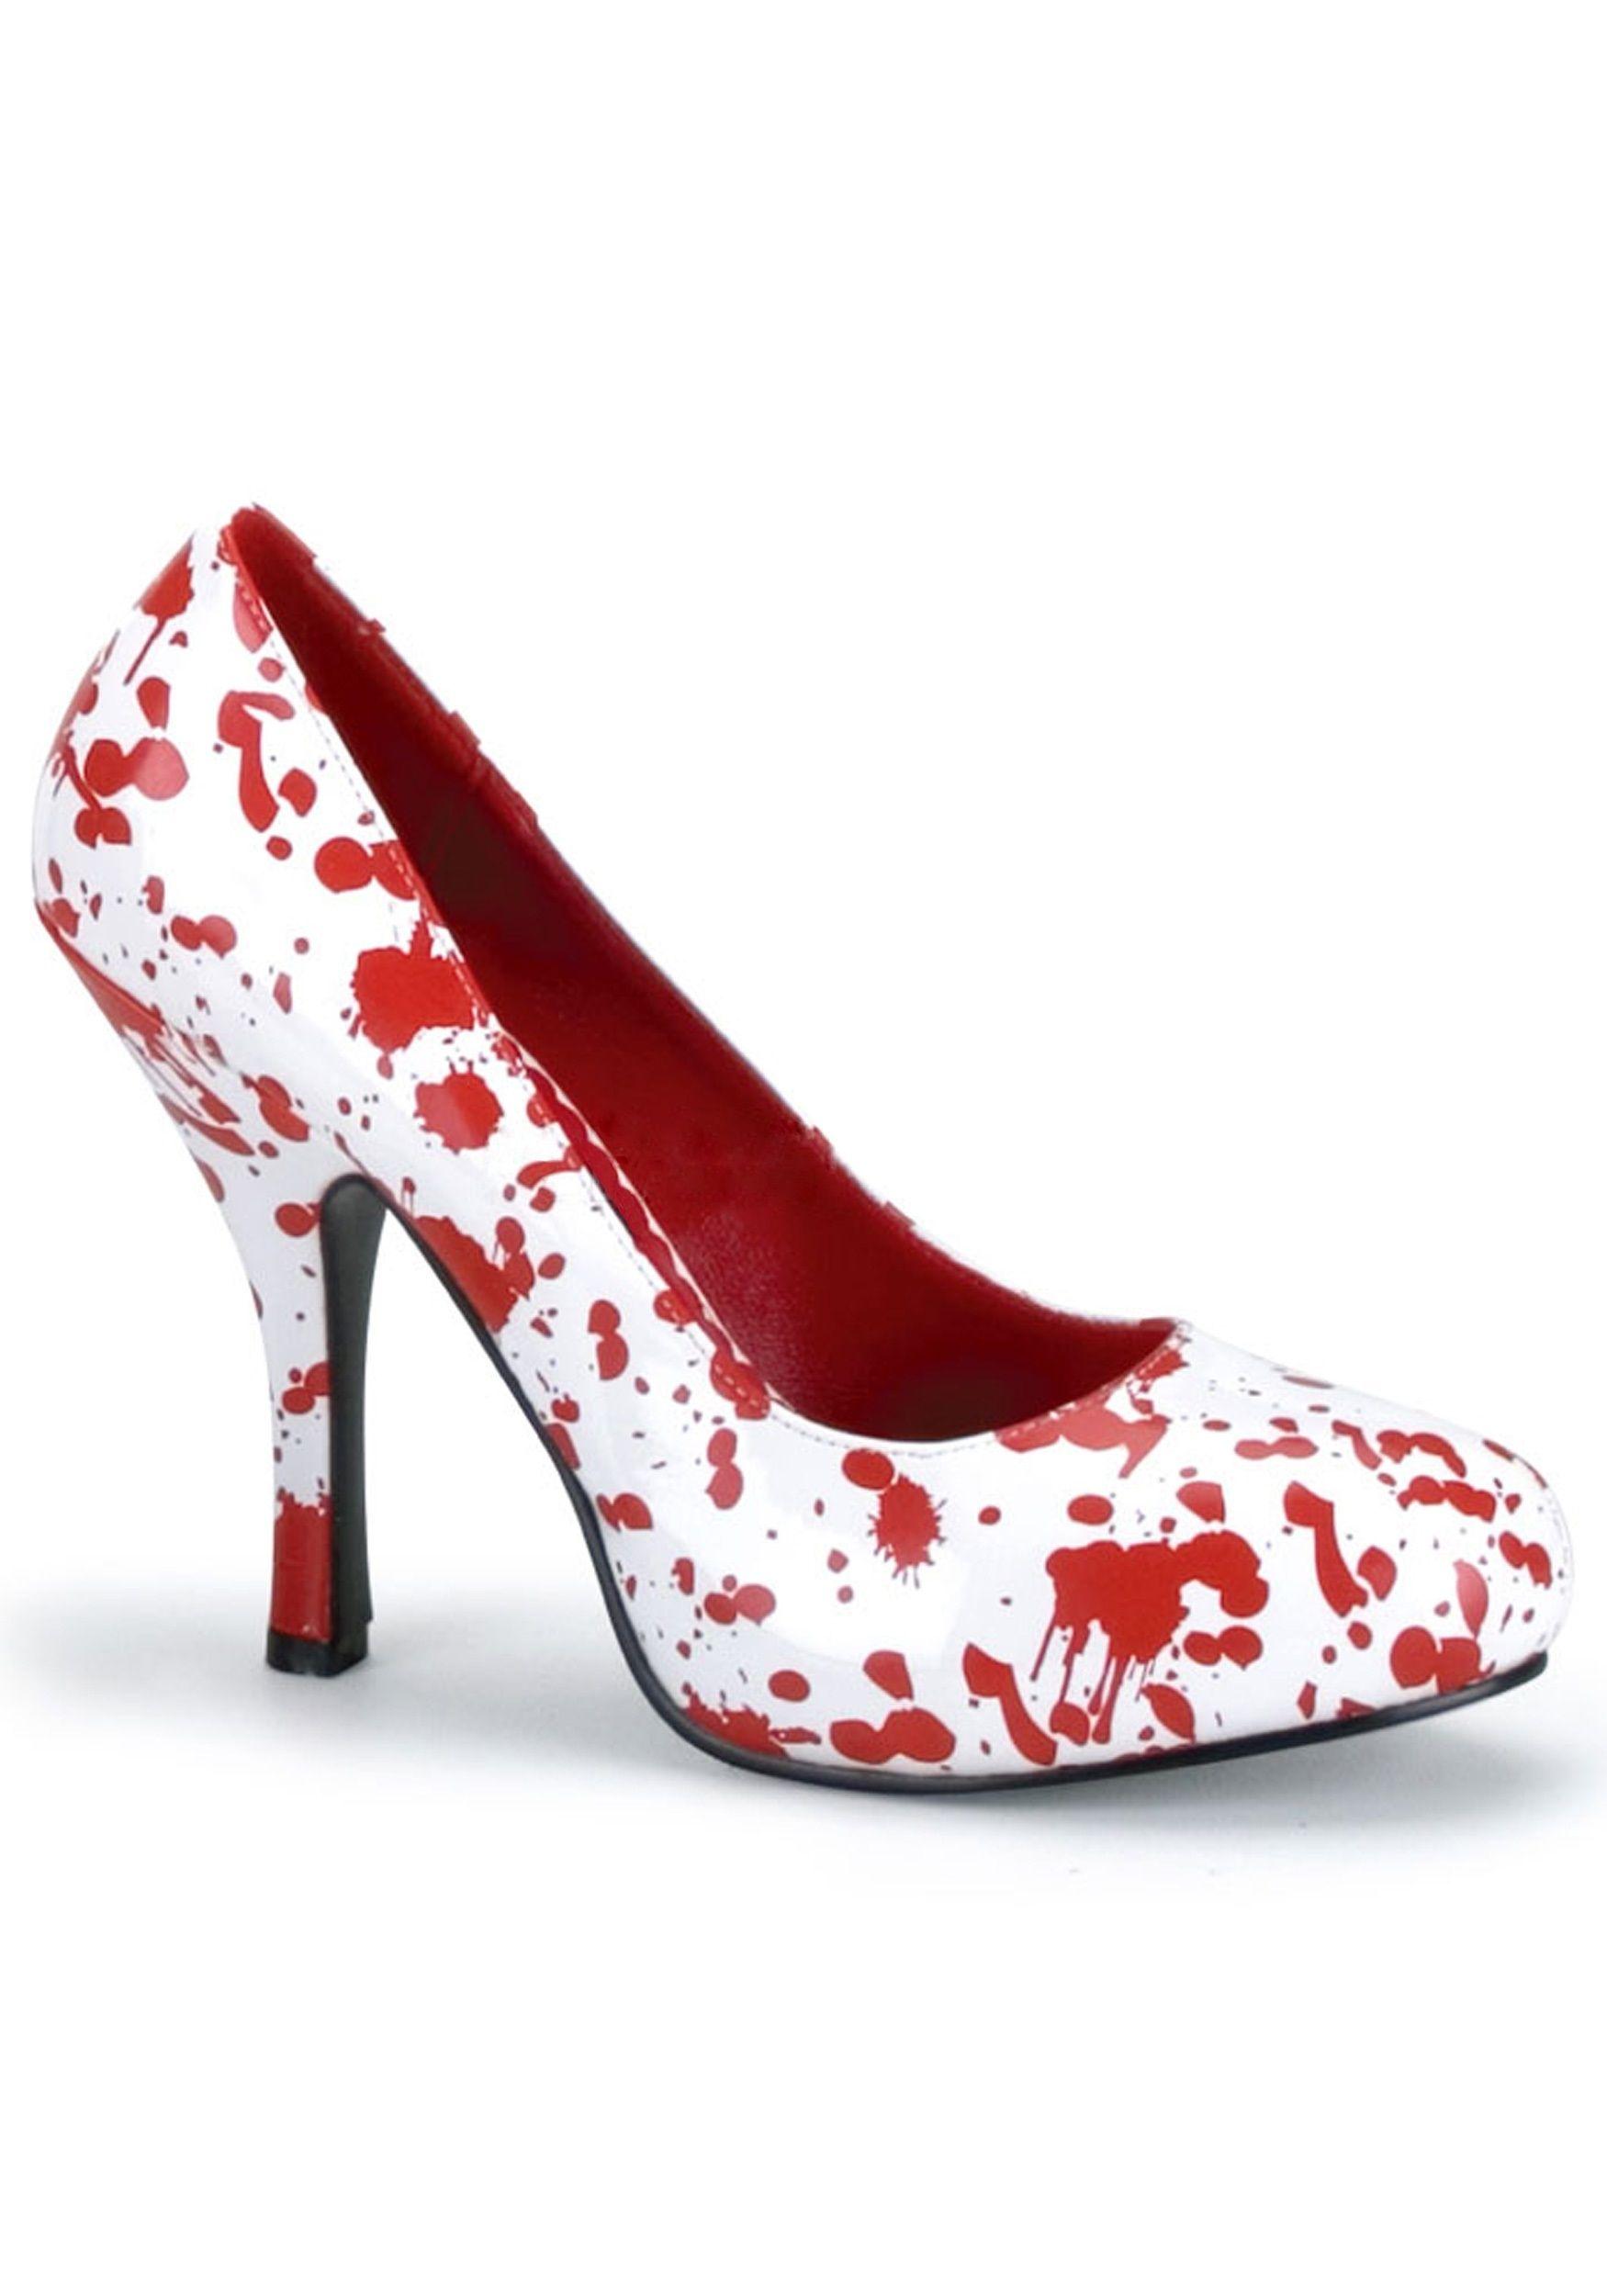 Кровавые туфли (42) - Аксессуары на Хэллоуин, р.42